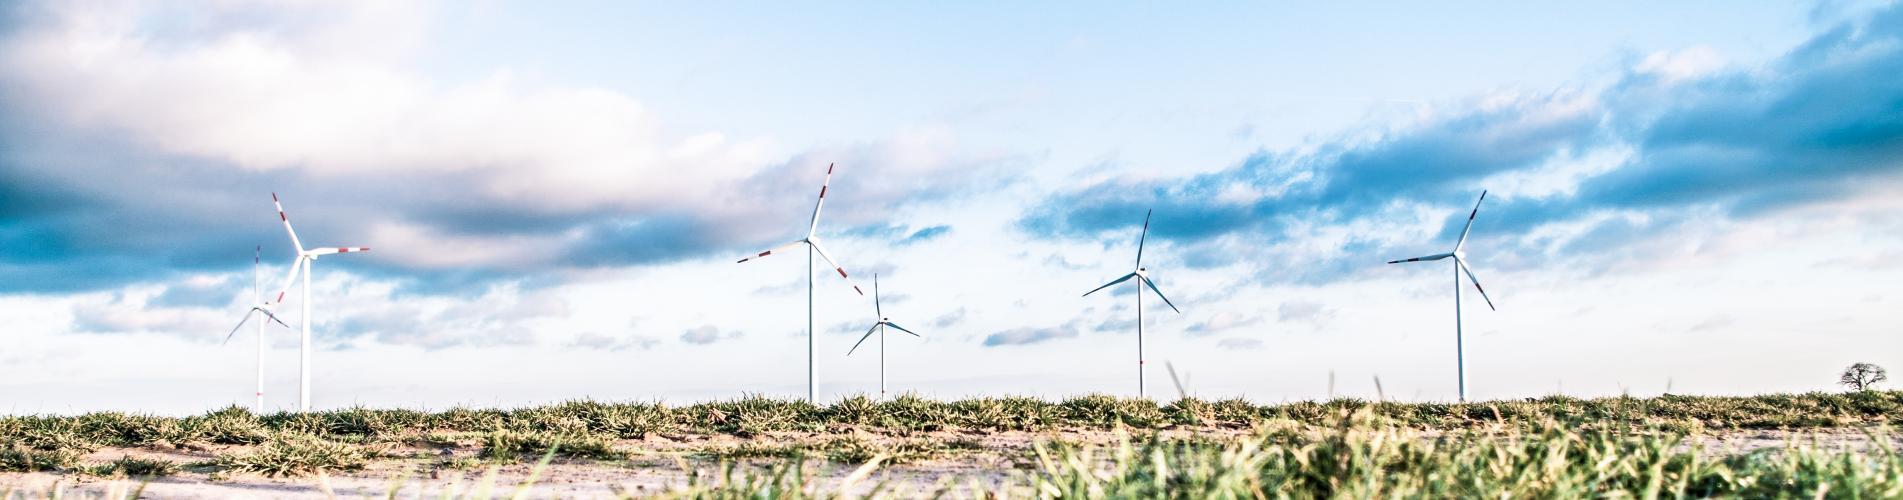 SCIO_Erneuerbare Energien_Header